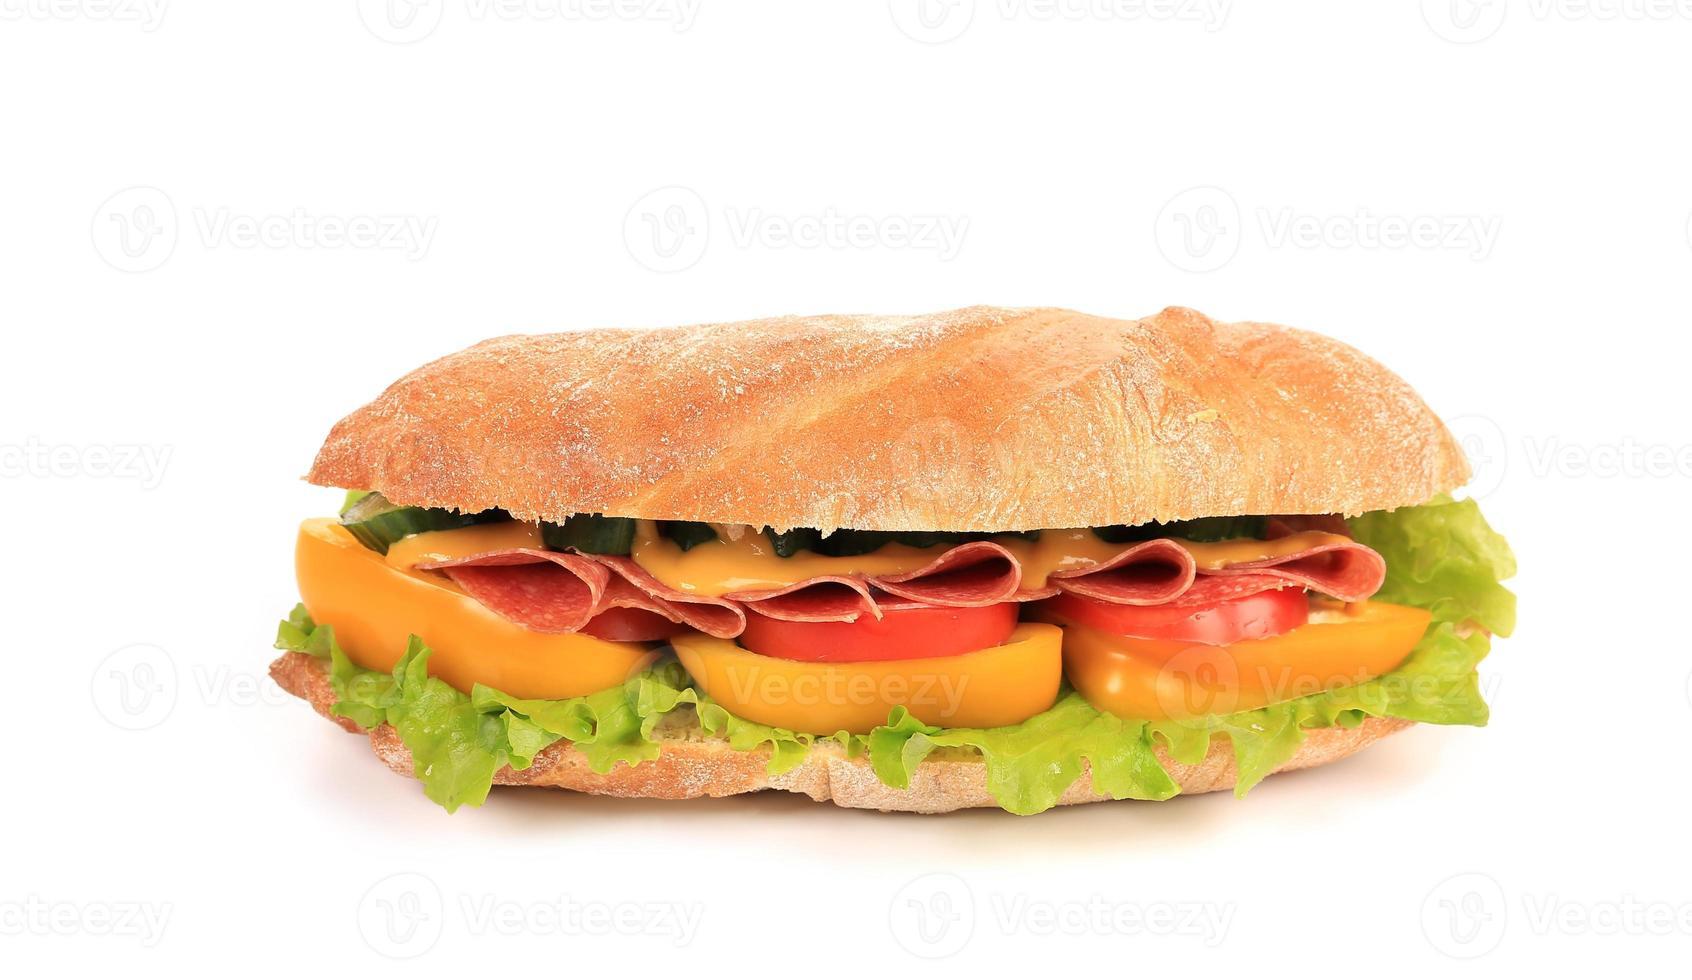 panino con prosciutto, formaggio e pomodoro. foto